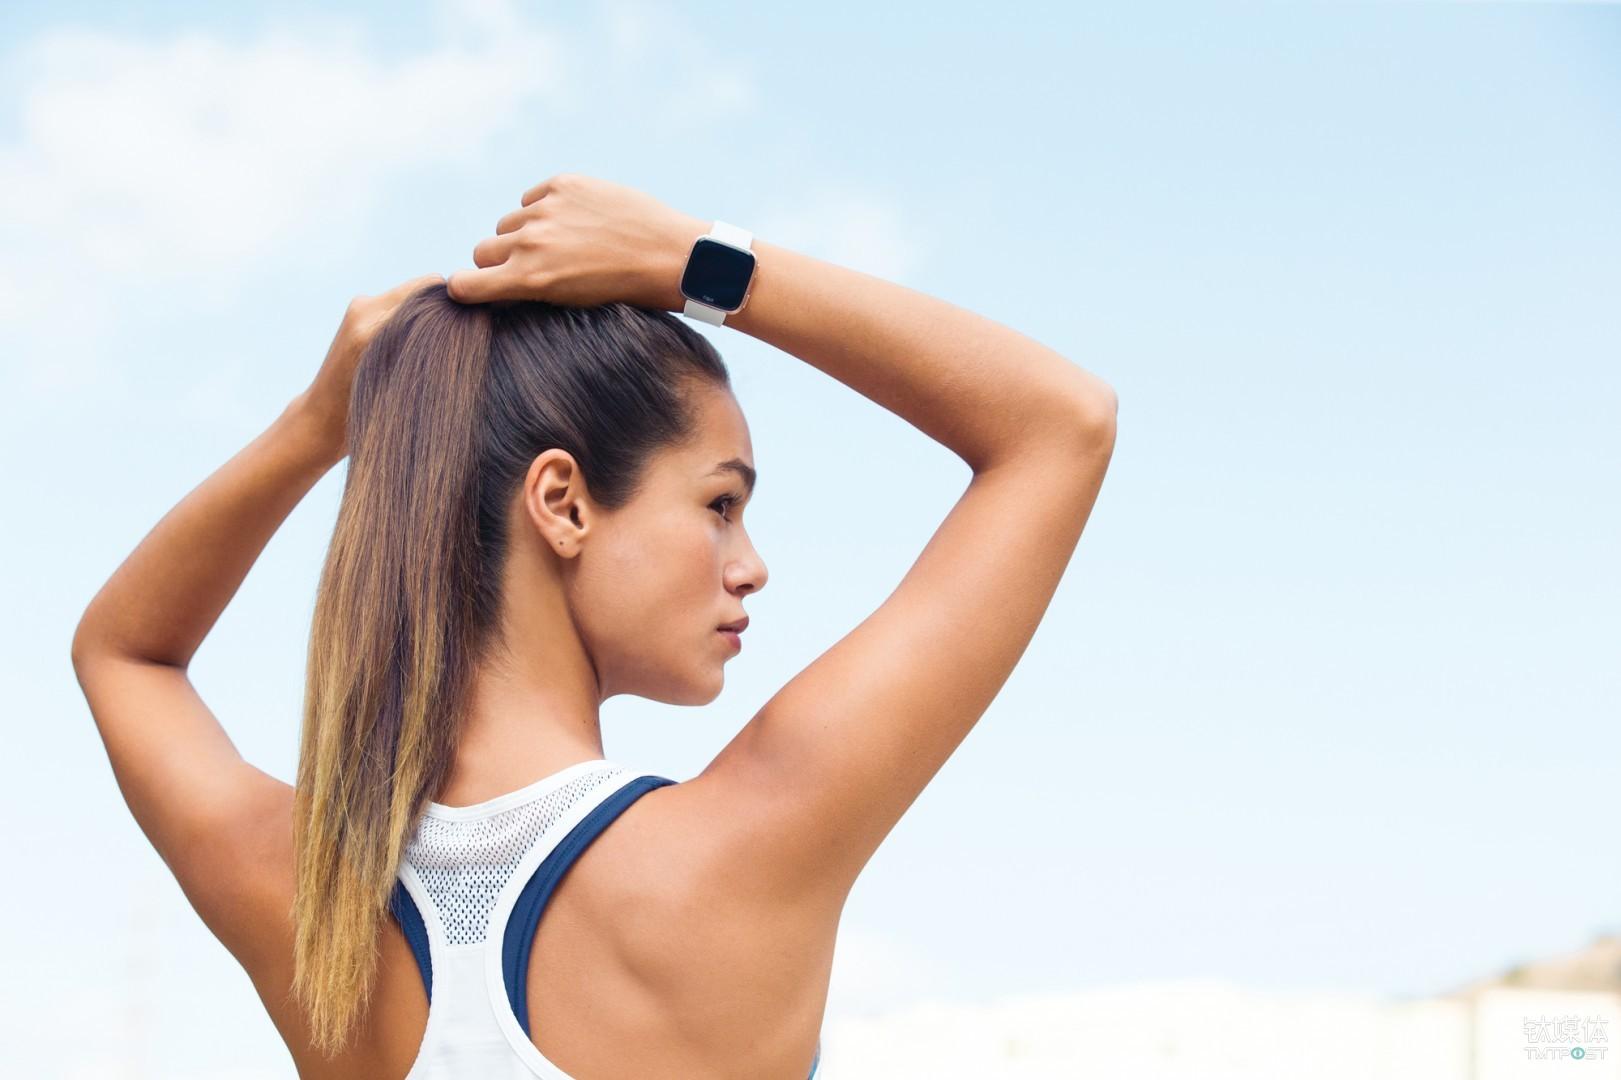 Fitbit Versa目前已在京东等平台上市销售